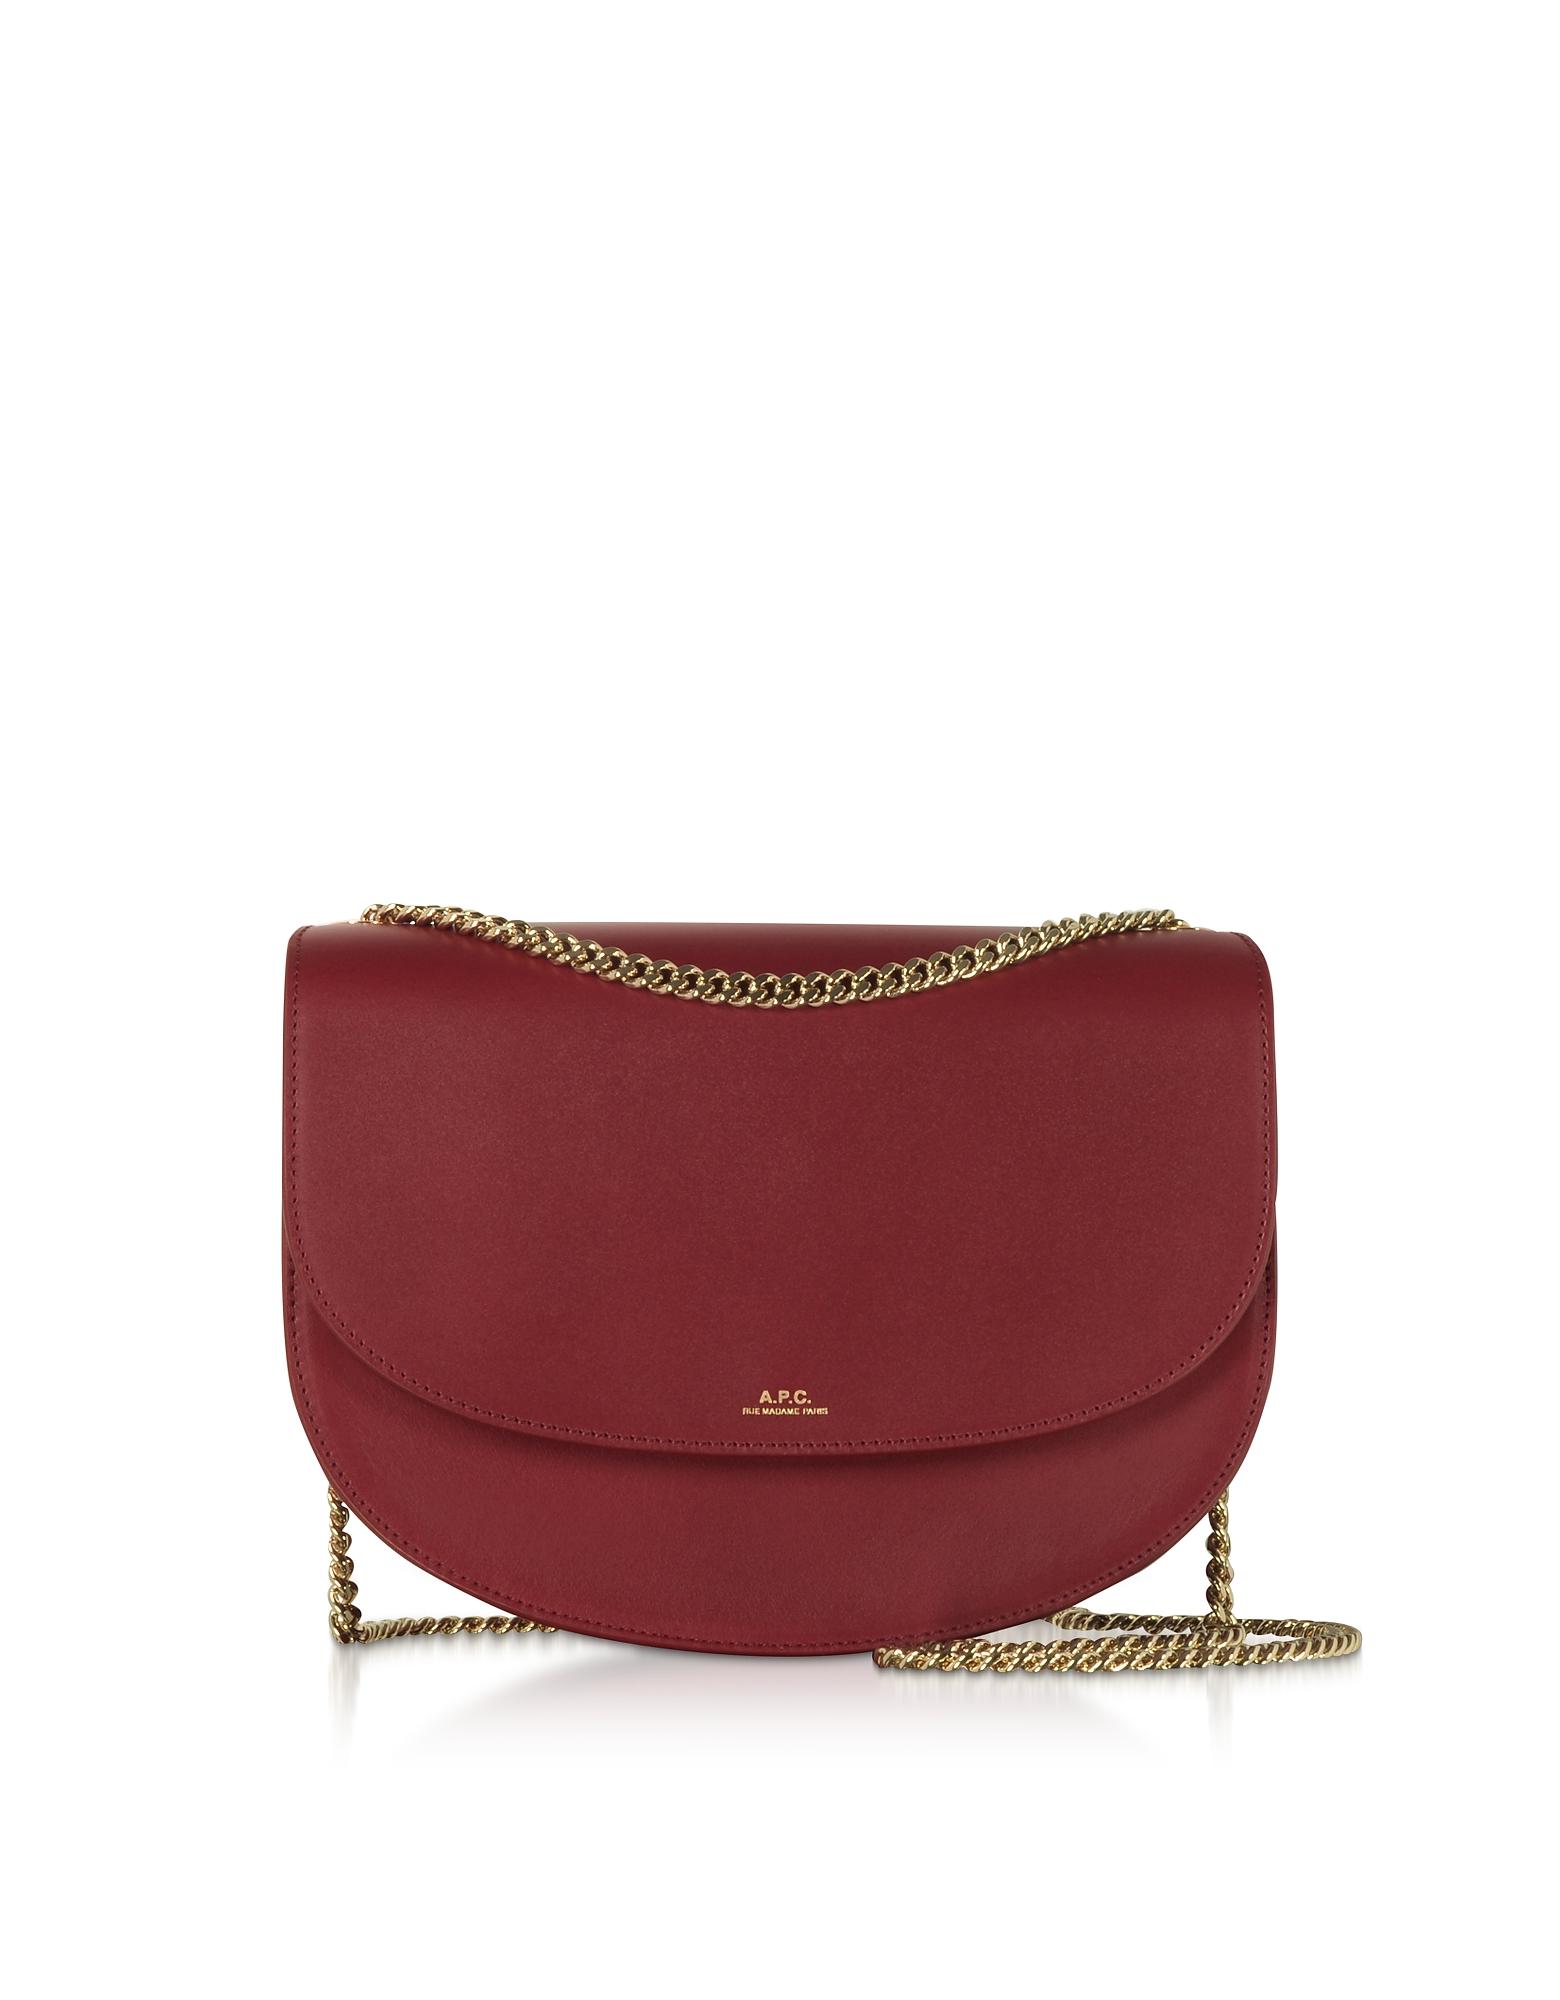 A.P.C. Designer Handbags, Genuine Leather Zurich Shoulder Bag